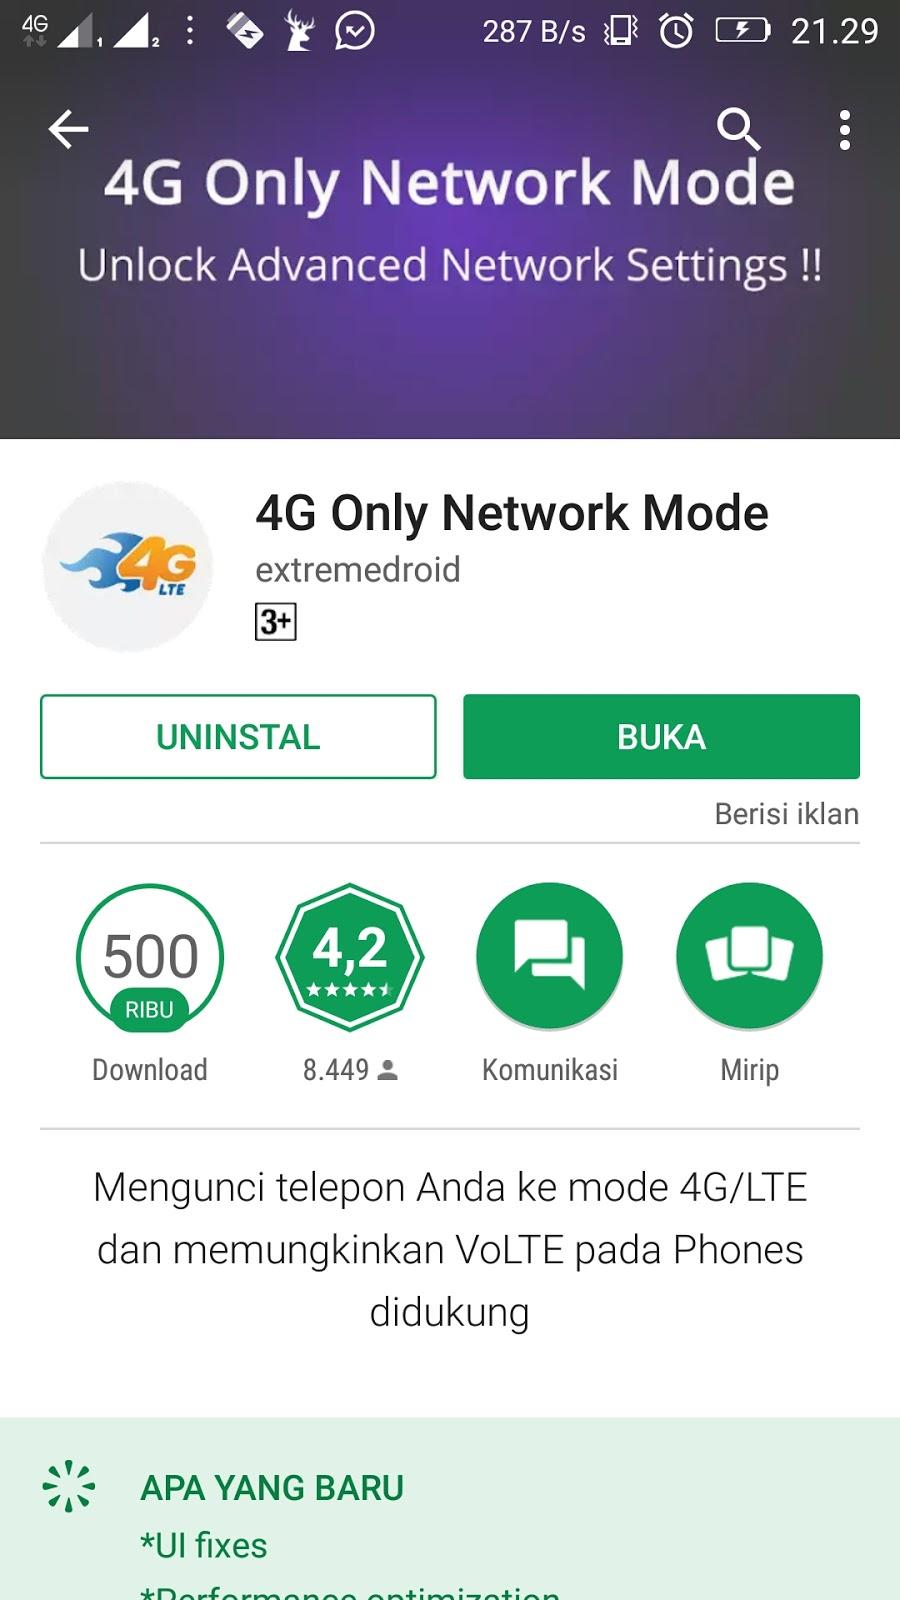 Cara Menstabilkan Koneksi 4g Android Dengan Aplikasi 4g Only Network